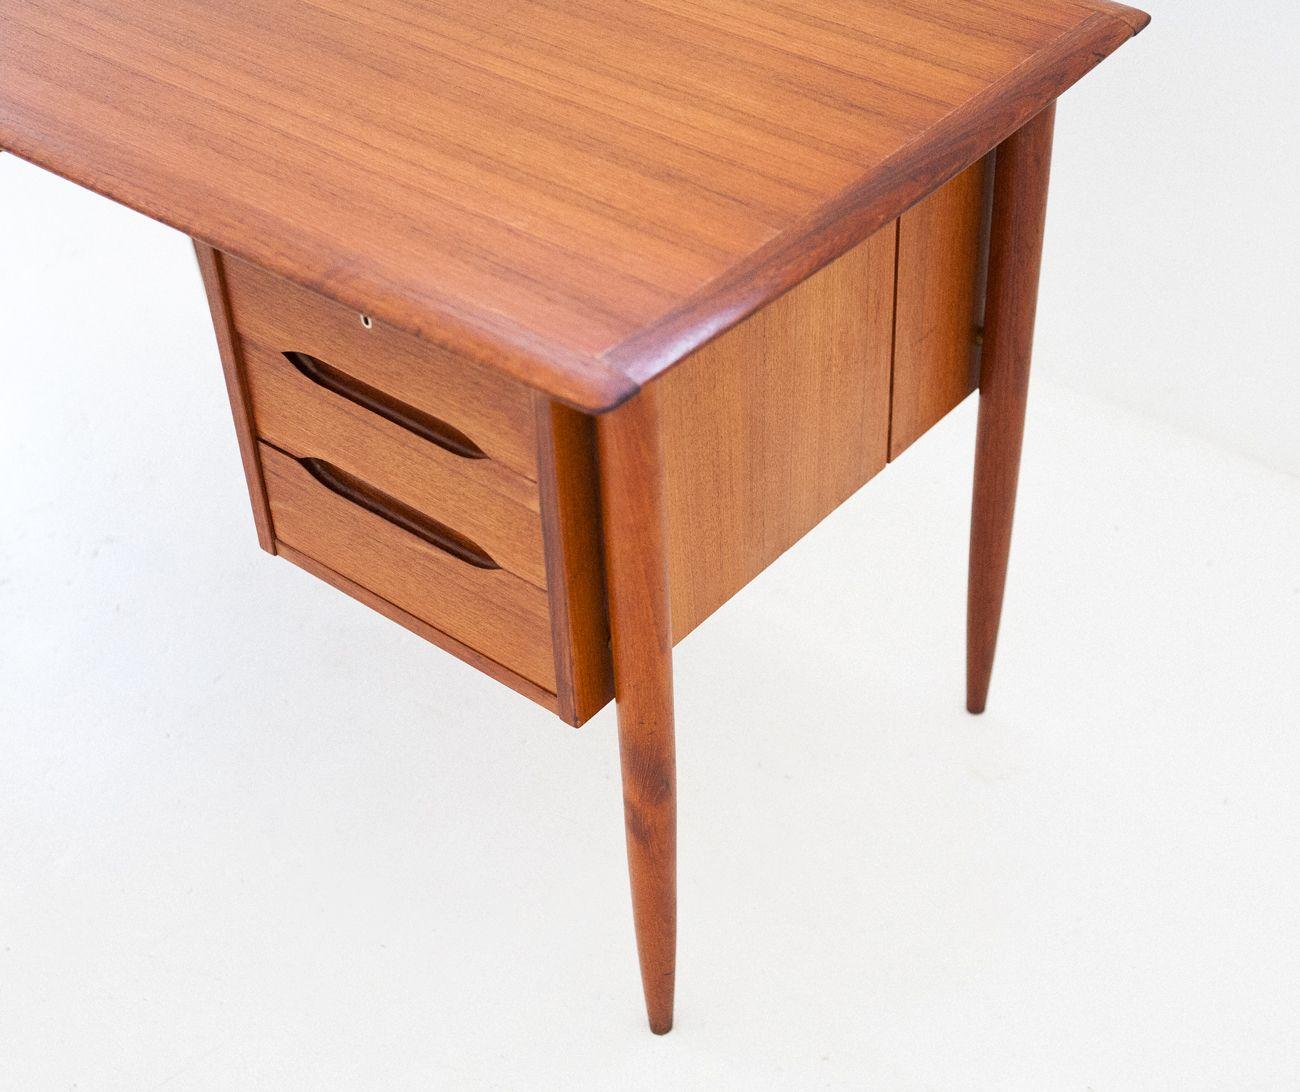 d nischer teak schreibtisch 1950er bei pamono kaufen. Black Bedroom Furniture Sets. Home Design Ideas